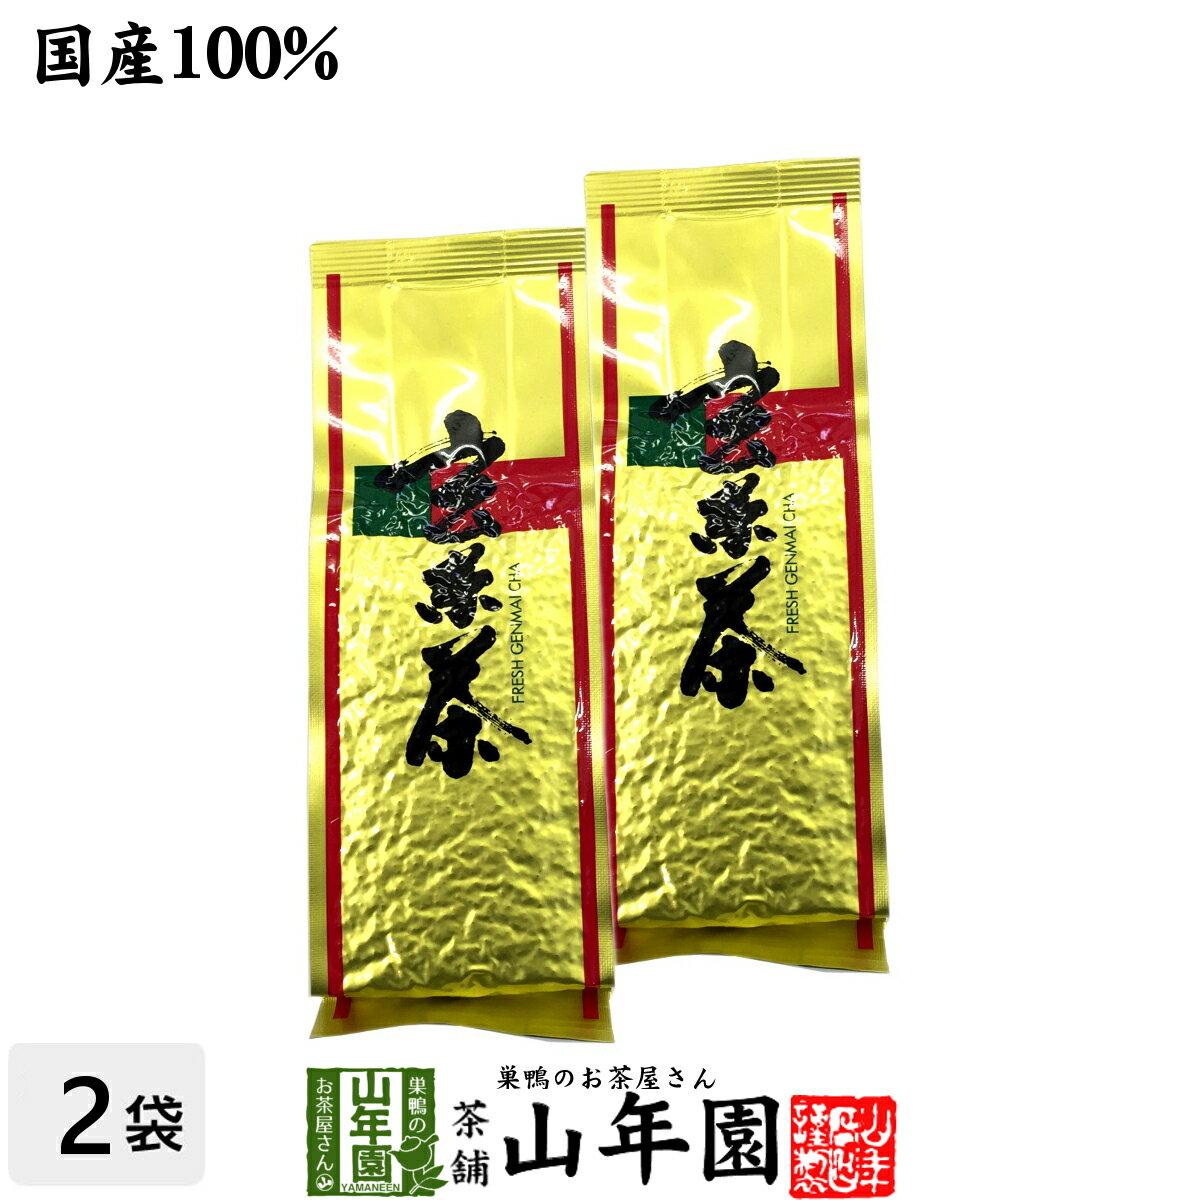 茶葉・ティーバッグ, 日本茶  200g2 2019